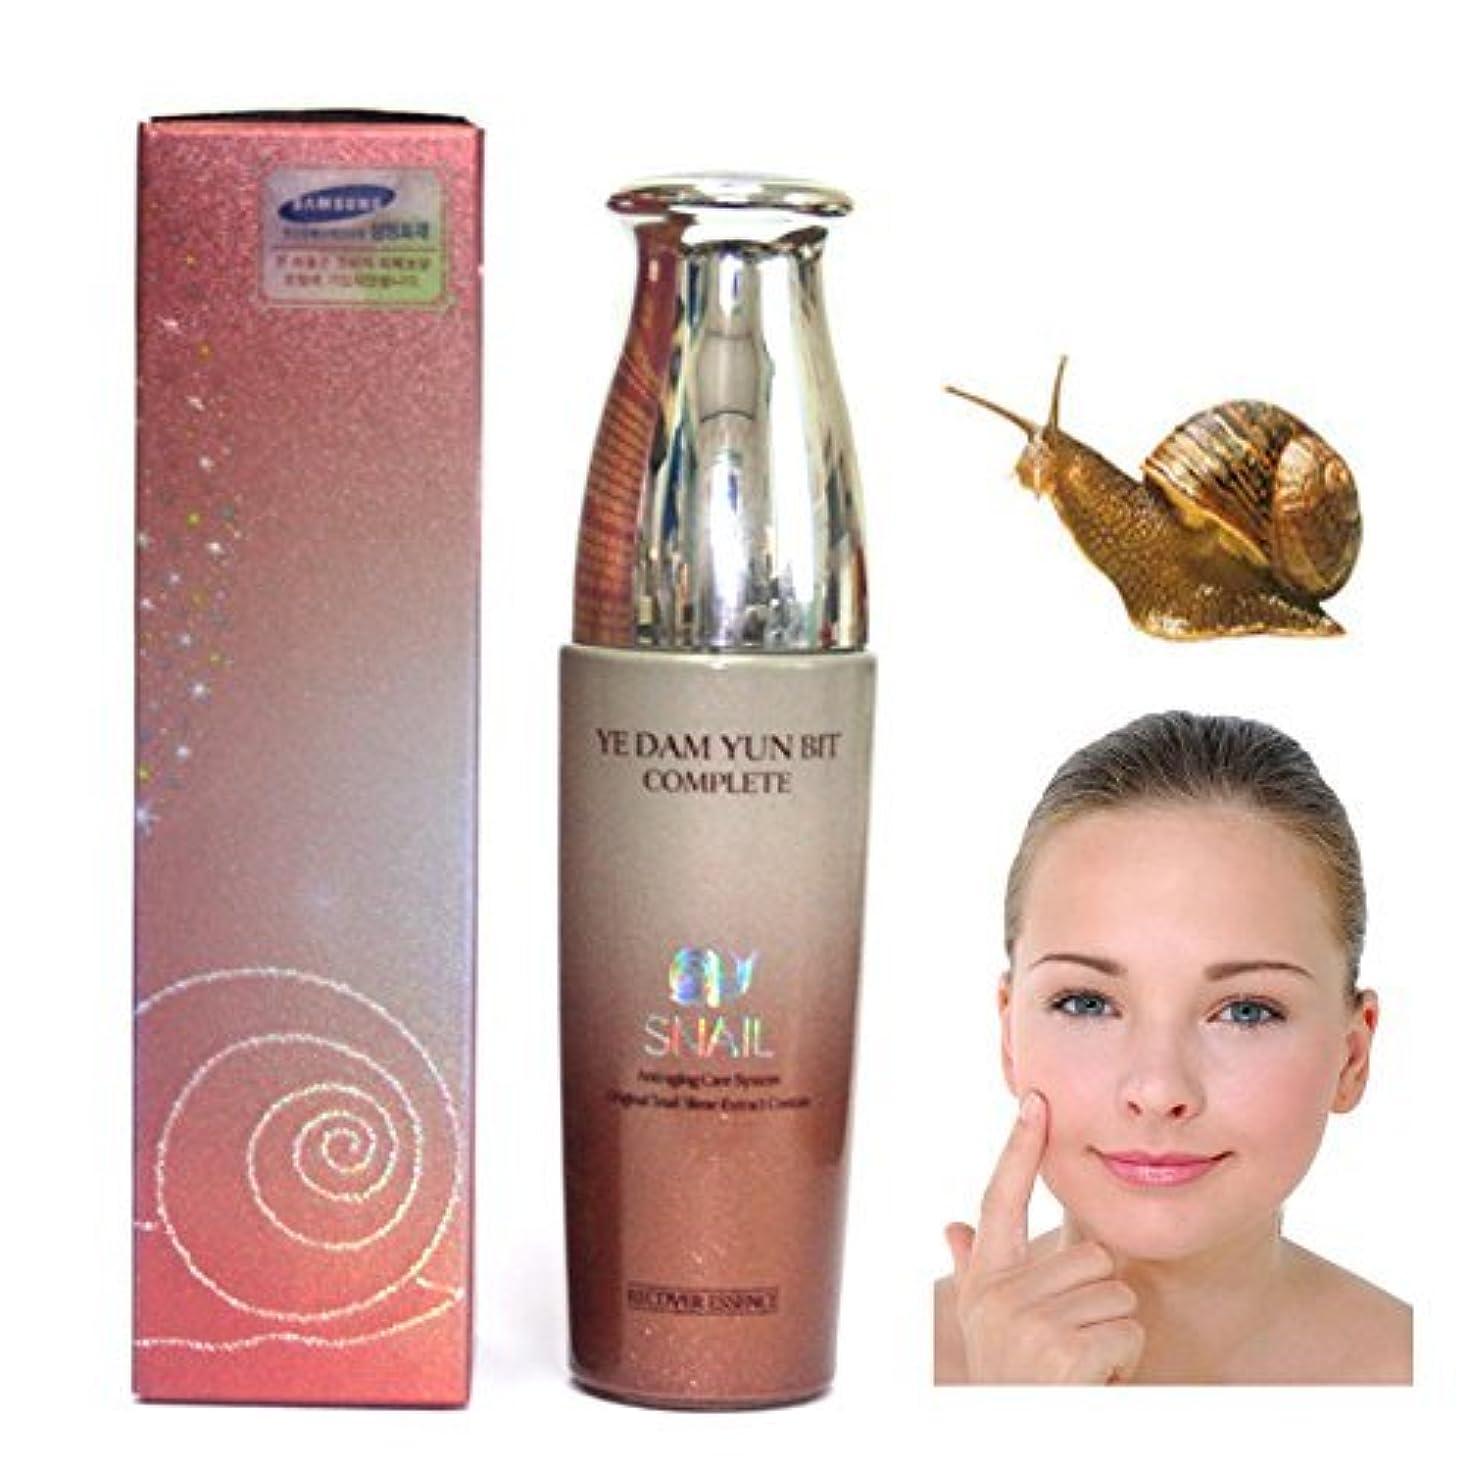 意義炭素トラフィック[YEDAM YUN BIT] 完璧なスキンカタツムリ女エッセンス50ml/COMPLETE SKIN Snail Woman Essence 50ml/韓国化粧品/Korean cosmetics [並行輸入品]